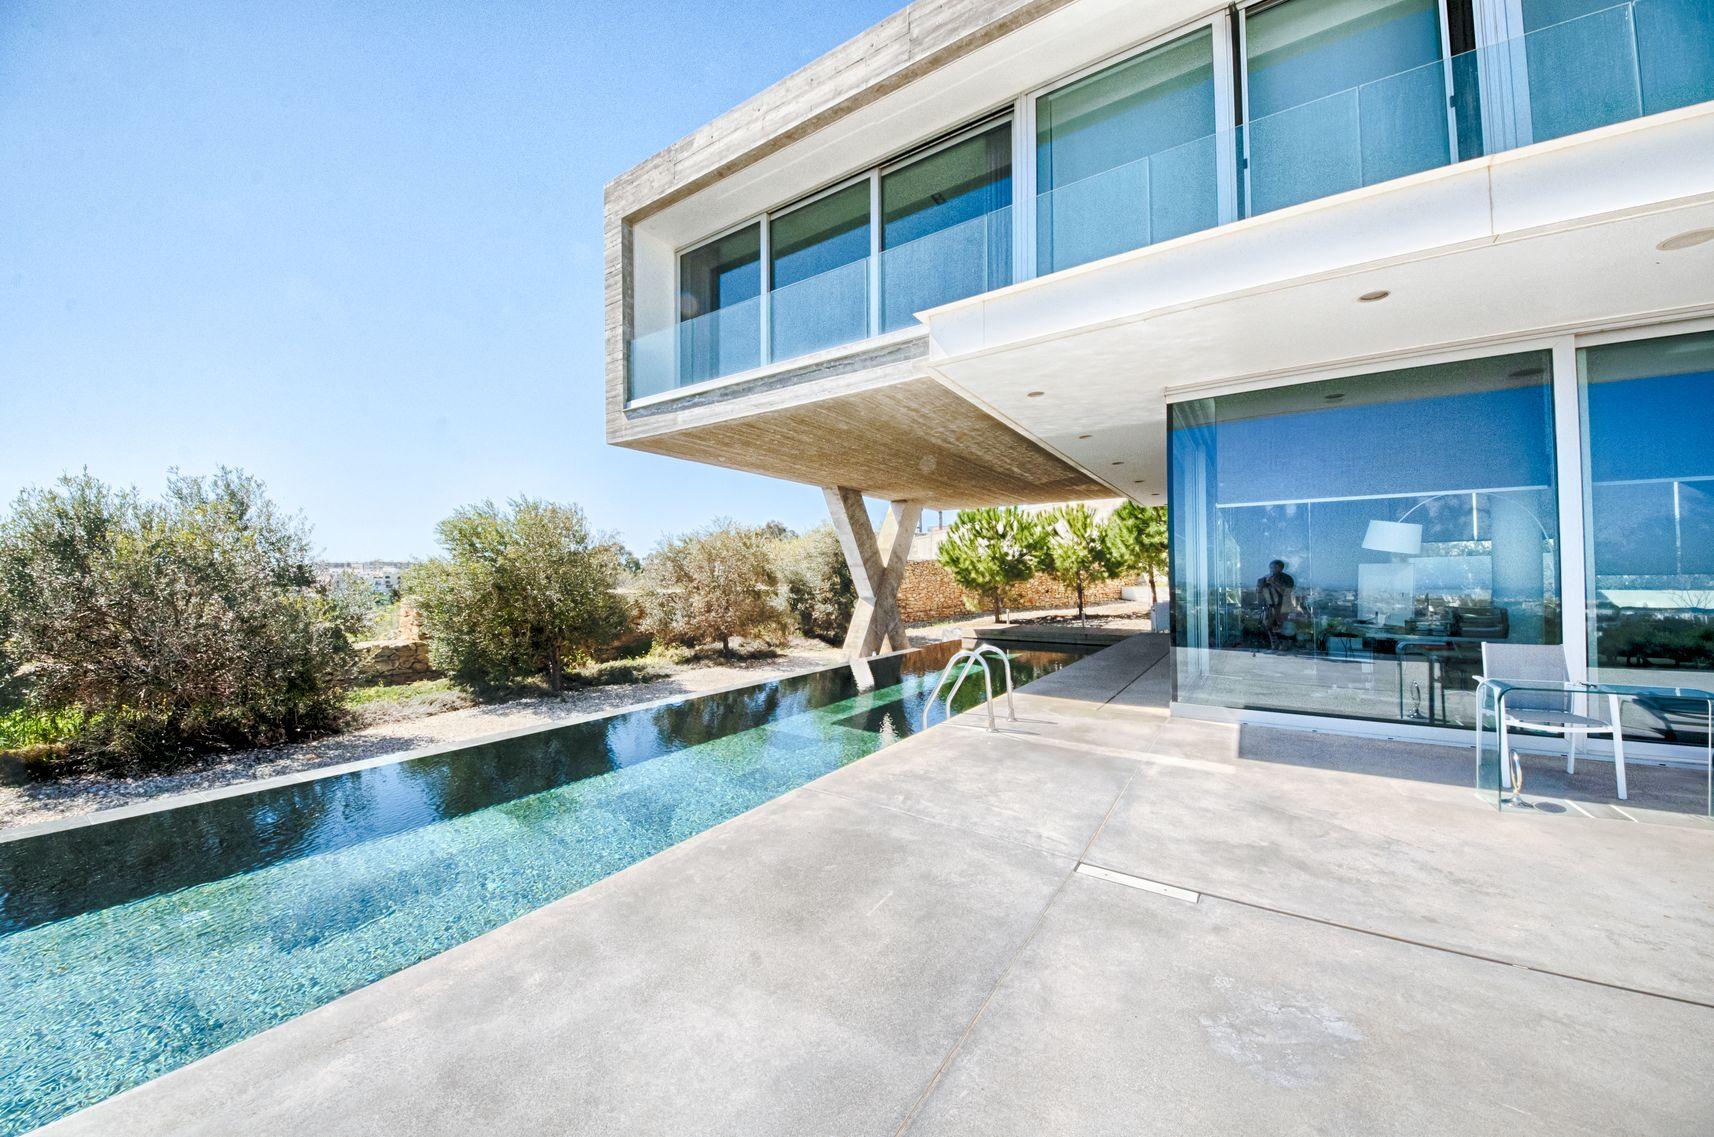 Malta villa buy resize.jpg